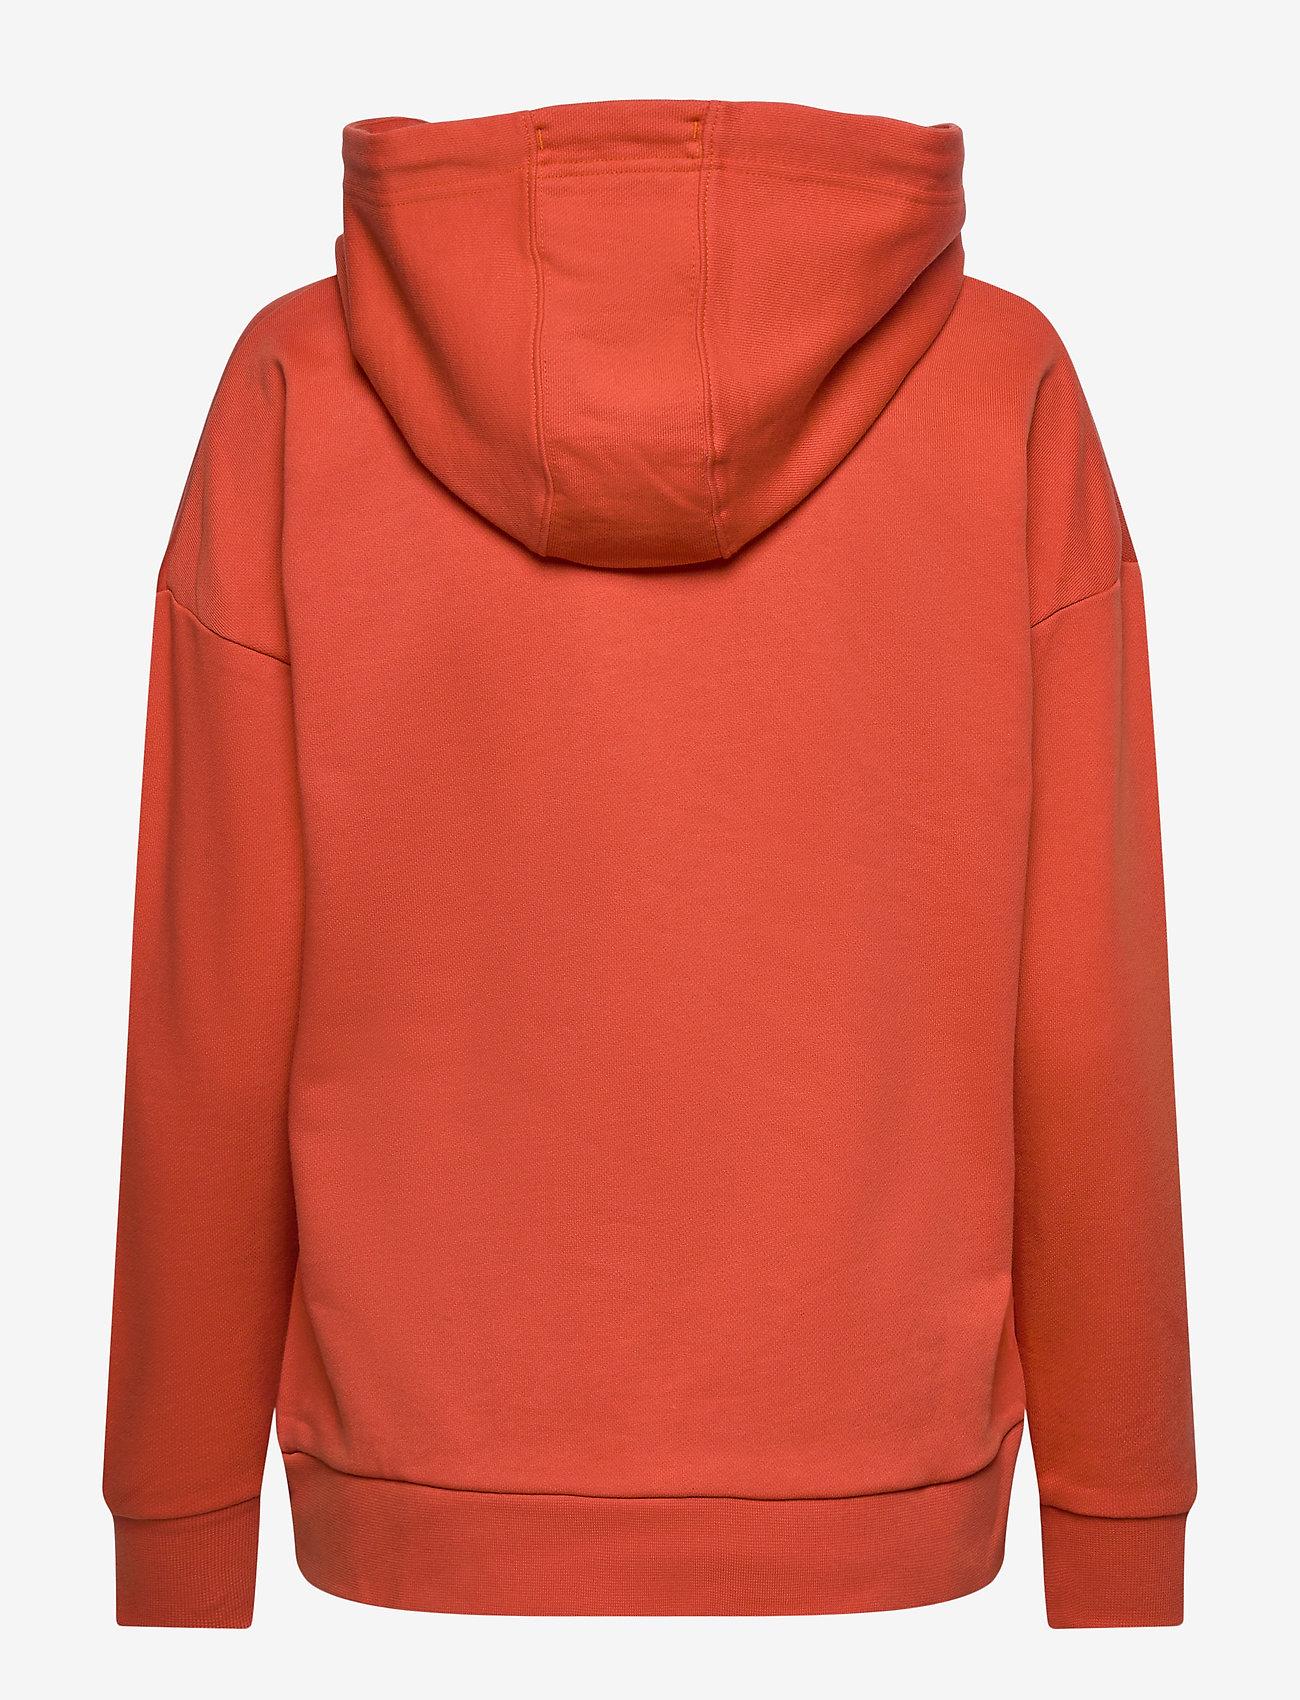 Lyle & Scott - Hoodie - sweatshirts & hoodies - paprika orange - 1